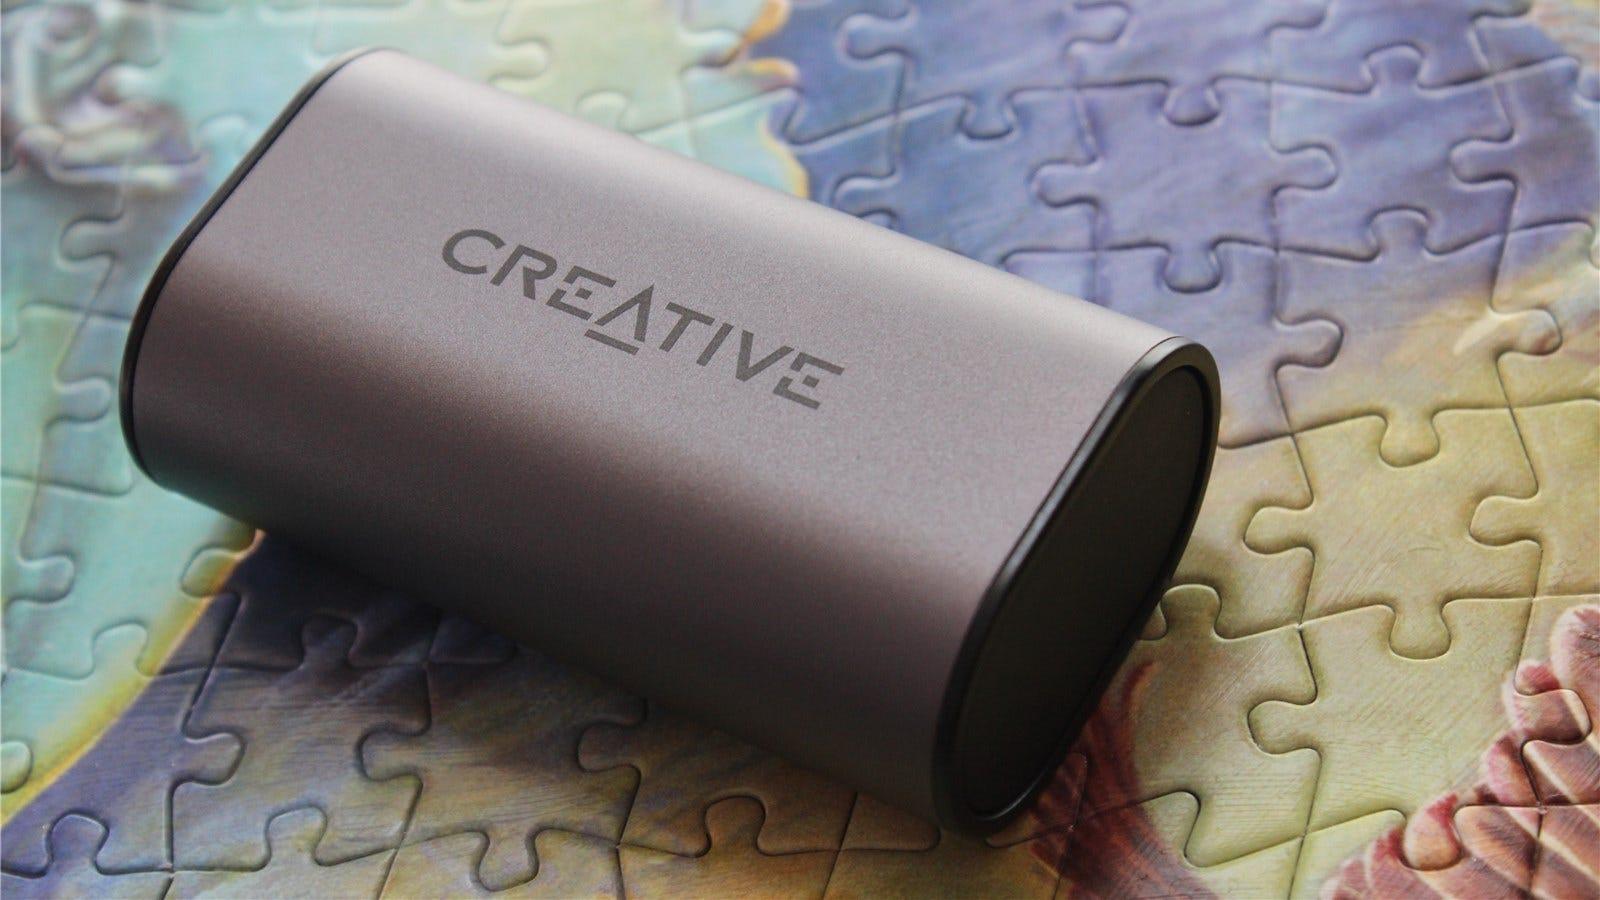 Creative Outlier Air case